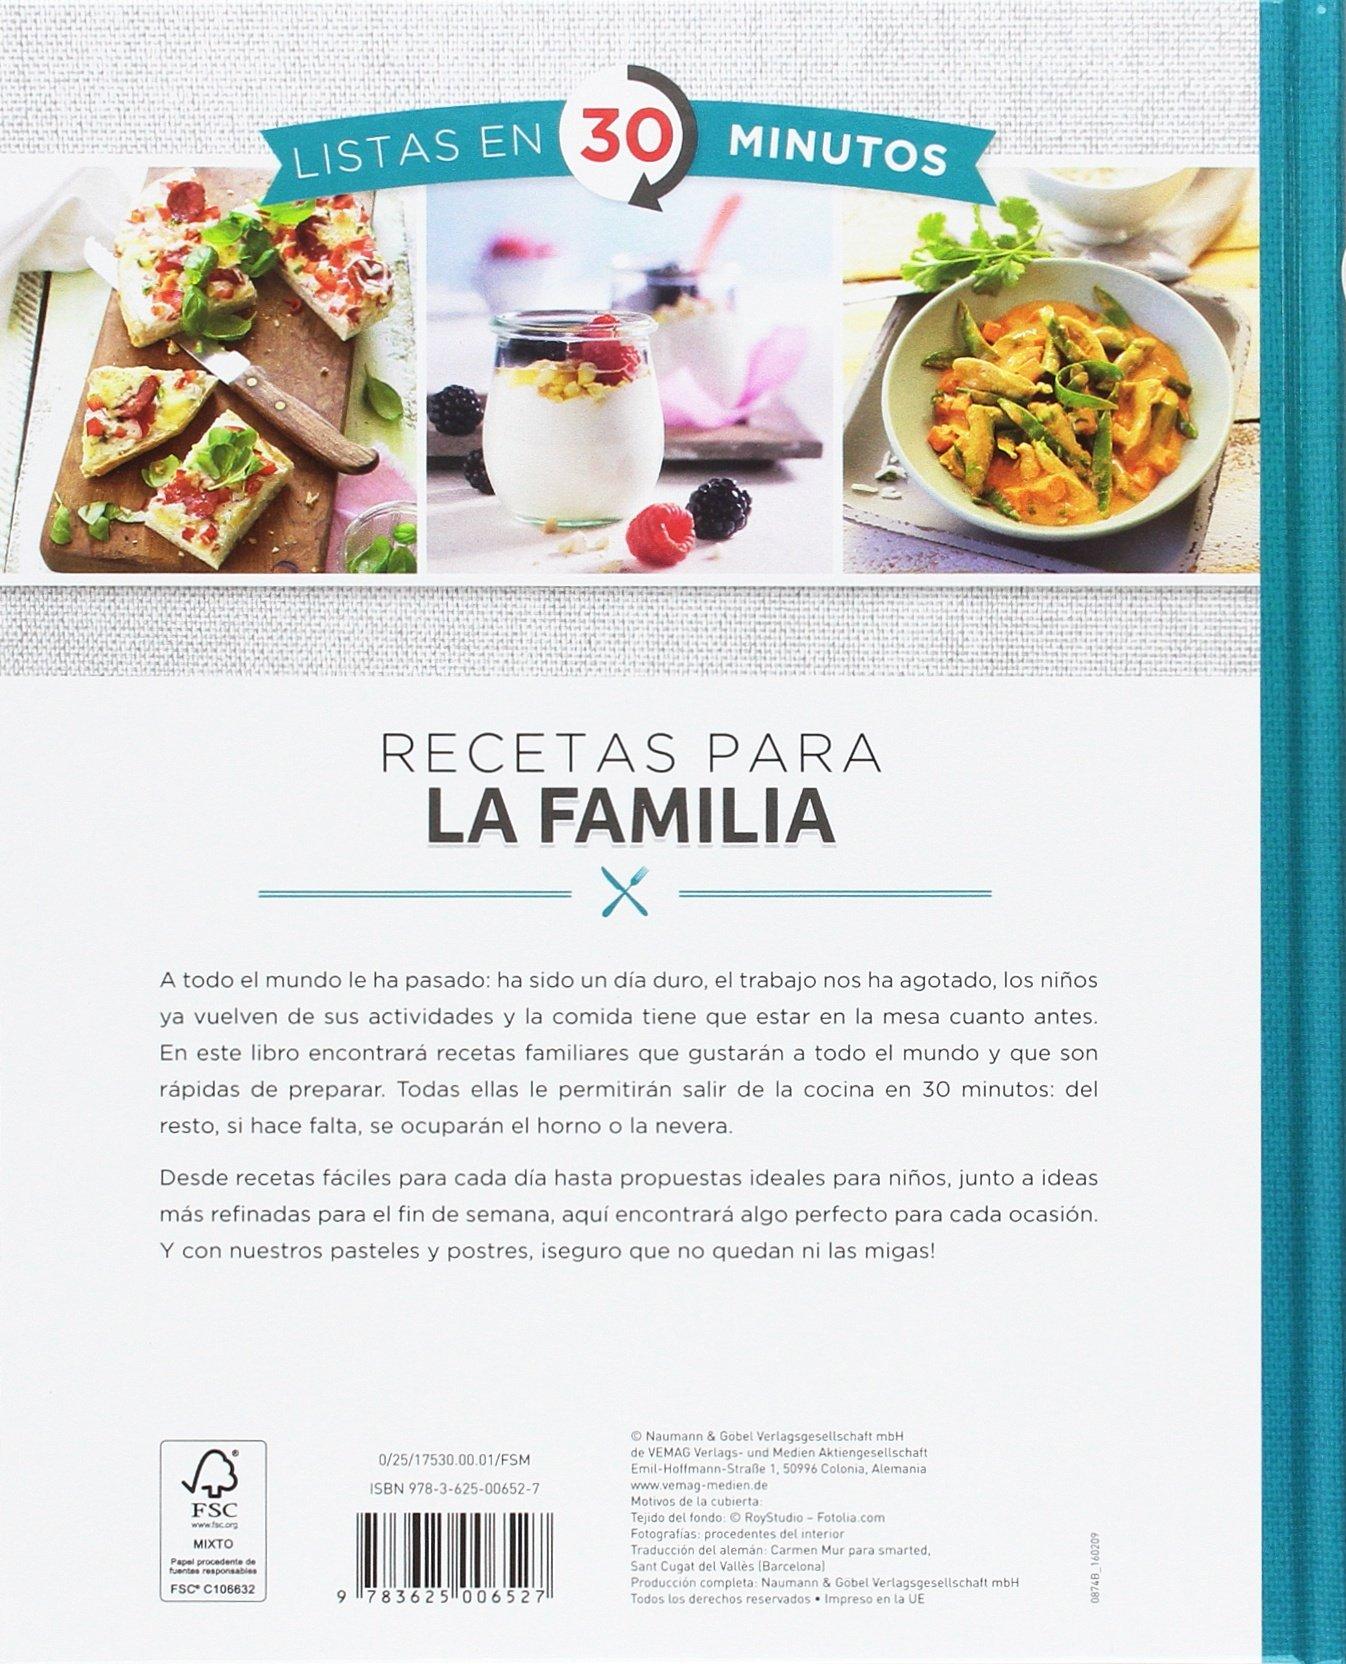 Recetas Para La Familia. Listas En 30 Minutos: Amazon.es: Vv.Aa ...